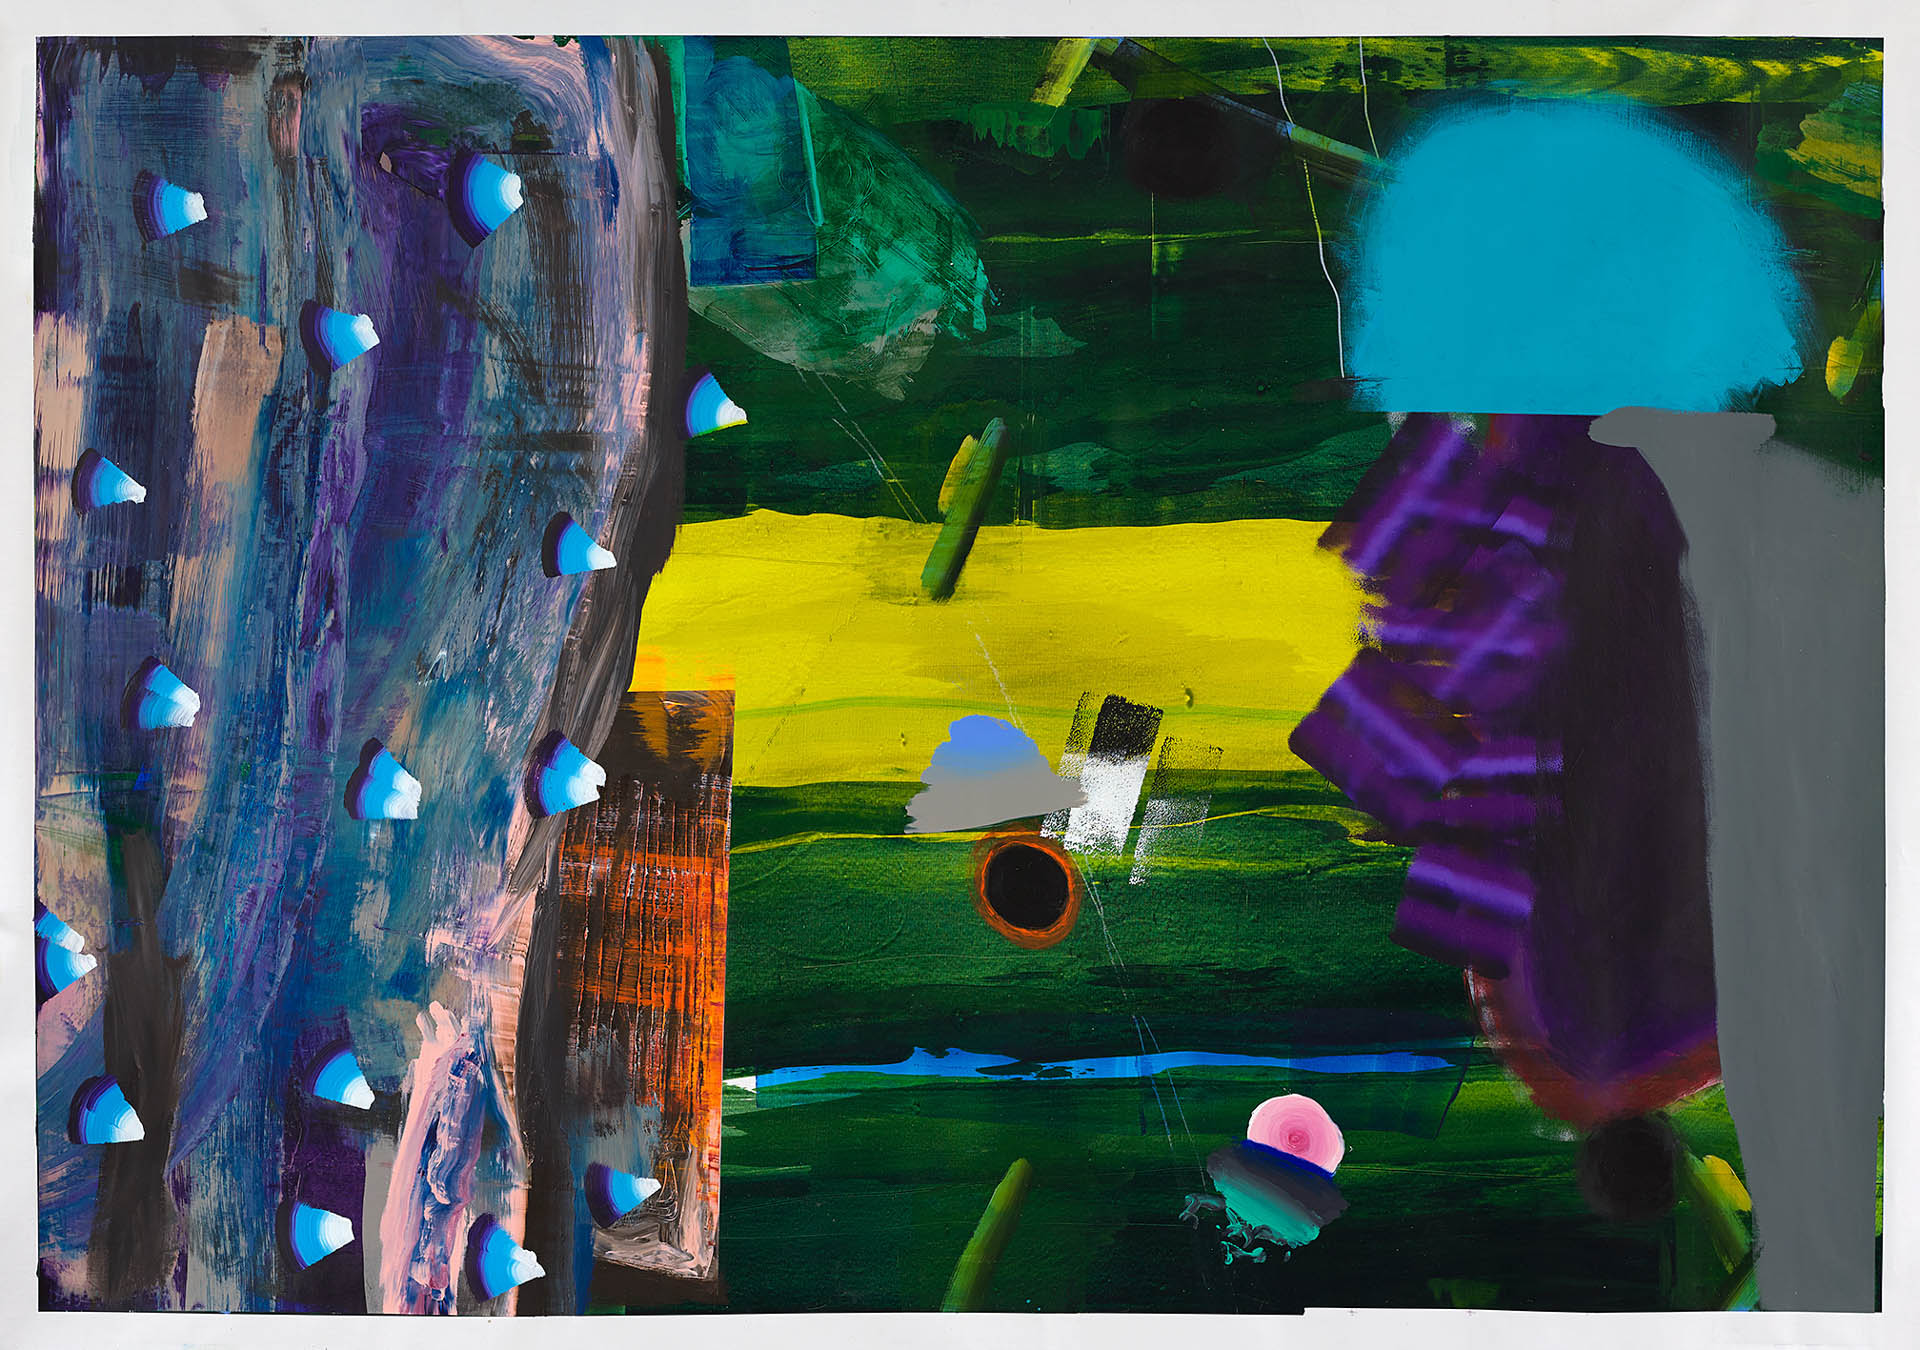 עותק-של-Shony-Rivnay-Configuration-026-2019-oil-on-canvas-200×300-cm-copy